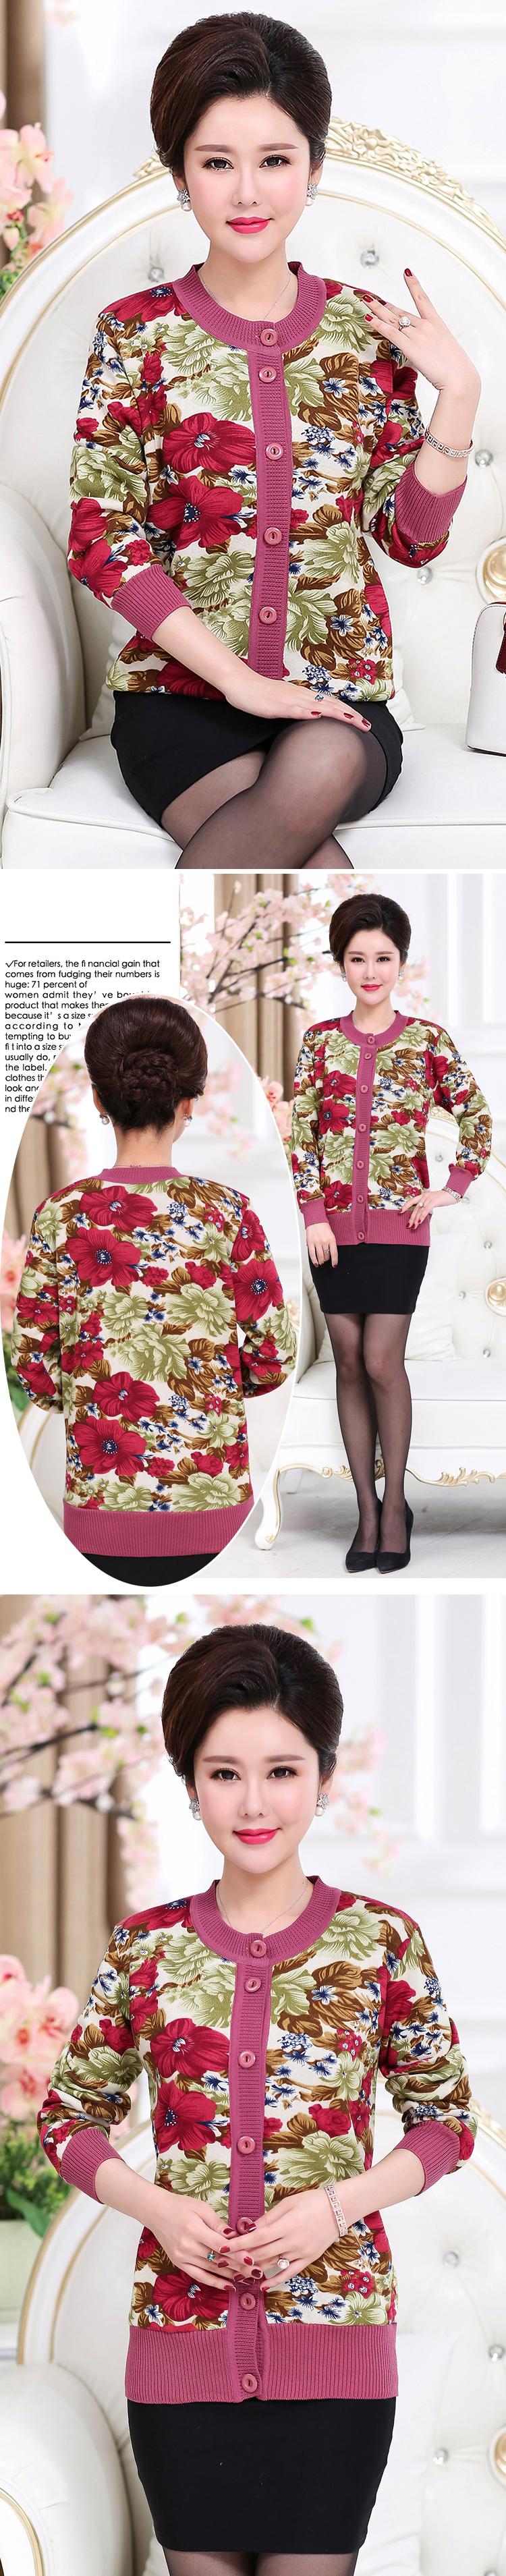 WAEOLSA Winter Woman Flower Cardigan Sweaters Middle Aged Women\`s Thicken Fleece Knitwear Lady Knied Cardigan Sweater Warm Top Mother (7)